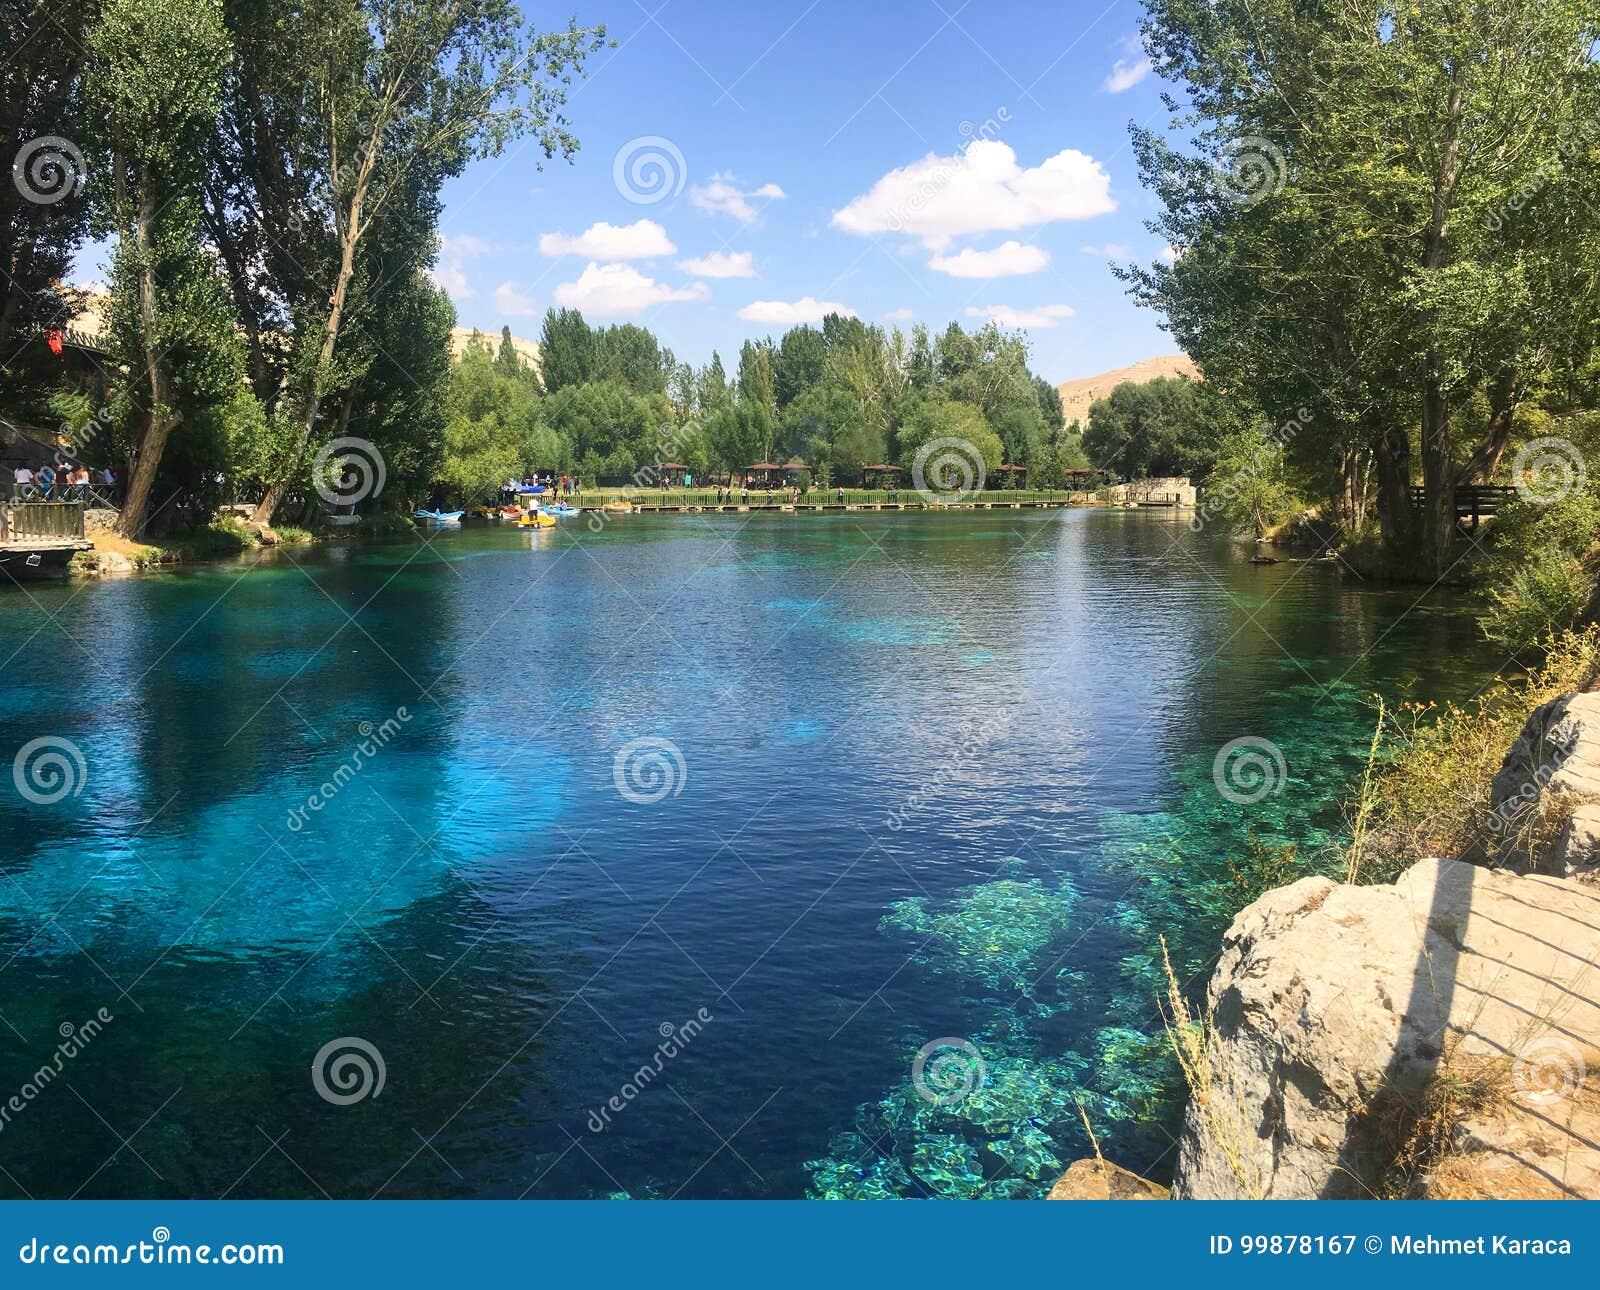 Blue Lake and Blue Sky